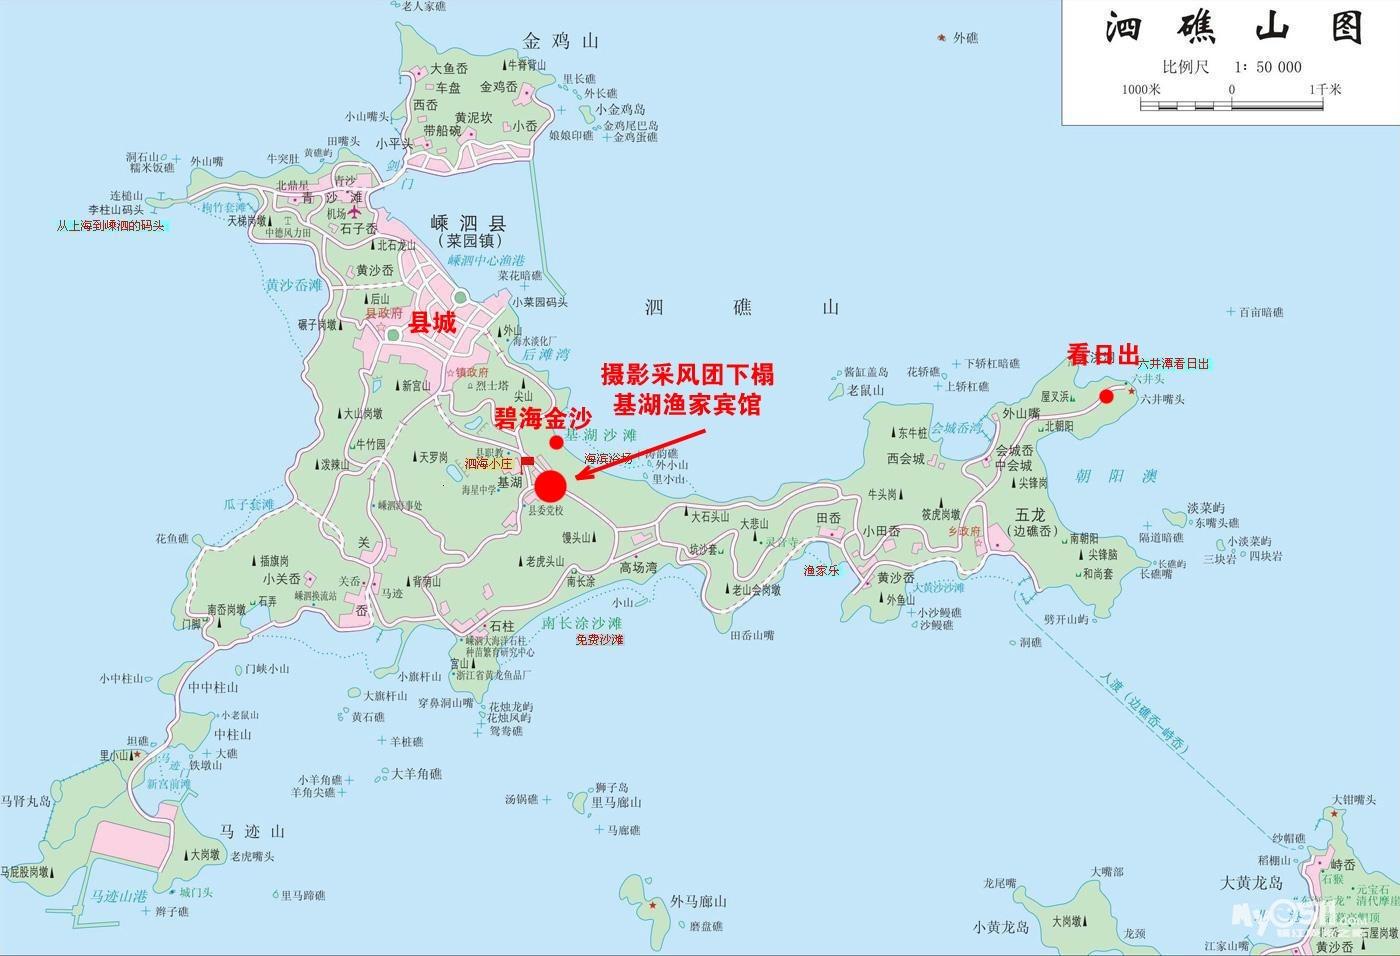 中国舟山群岛嵊泗地图